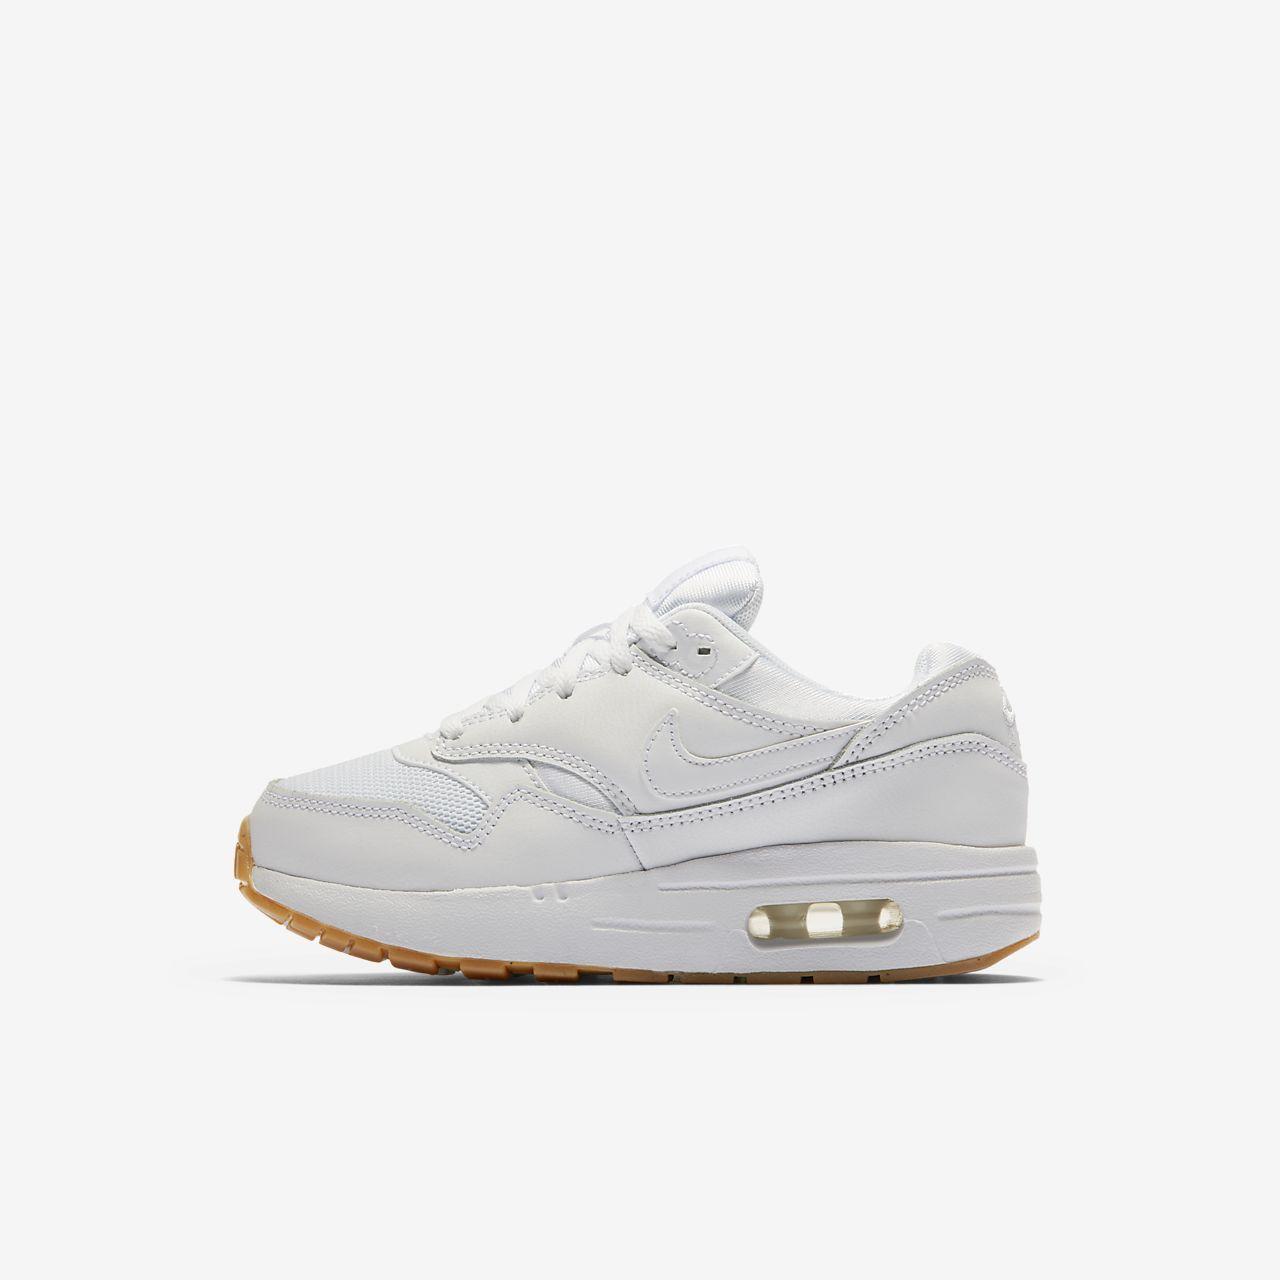 Nike Air Max 1 Schuh für kleine Kinder